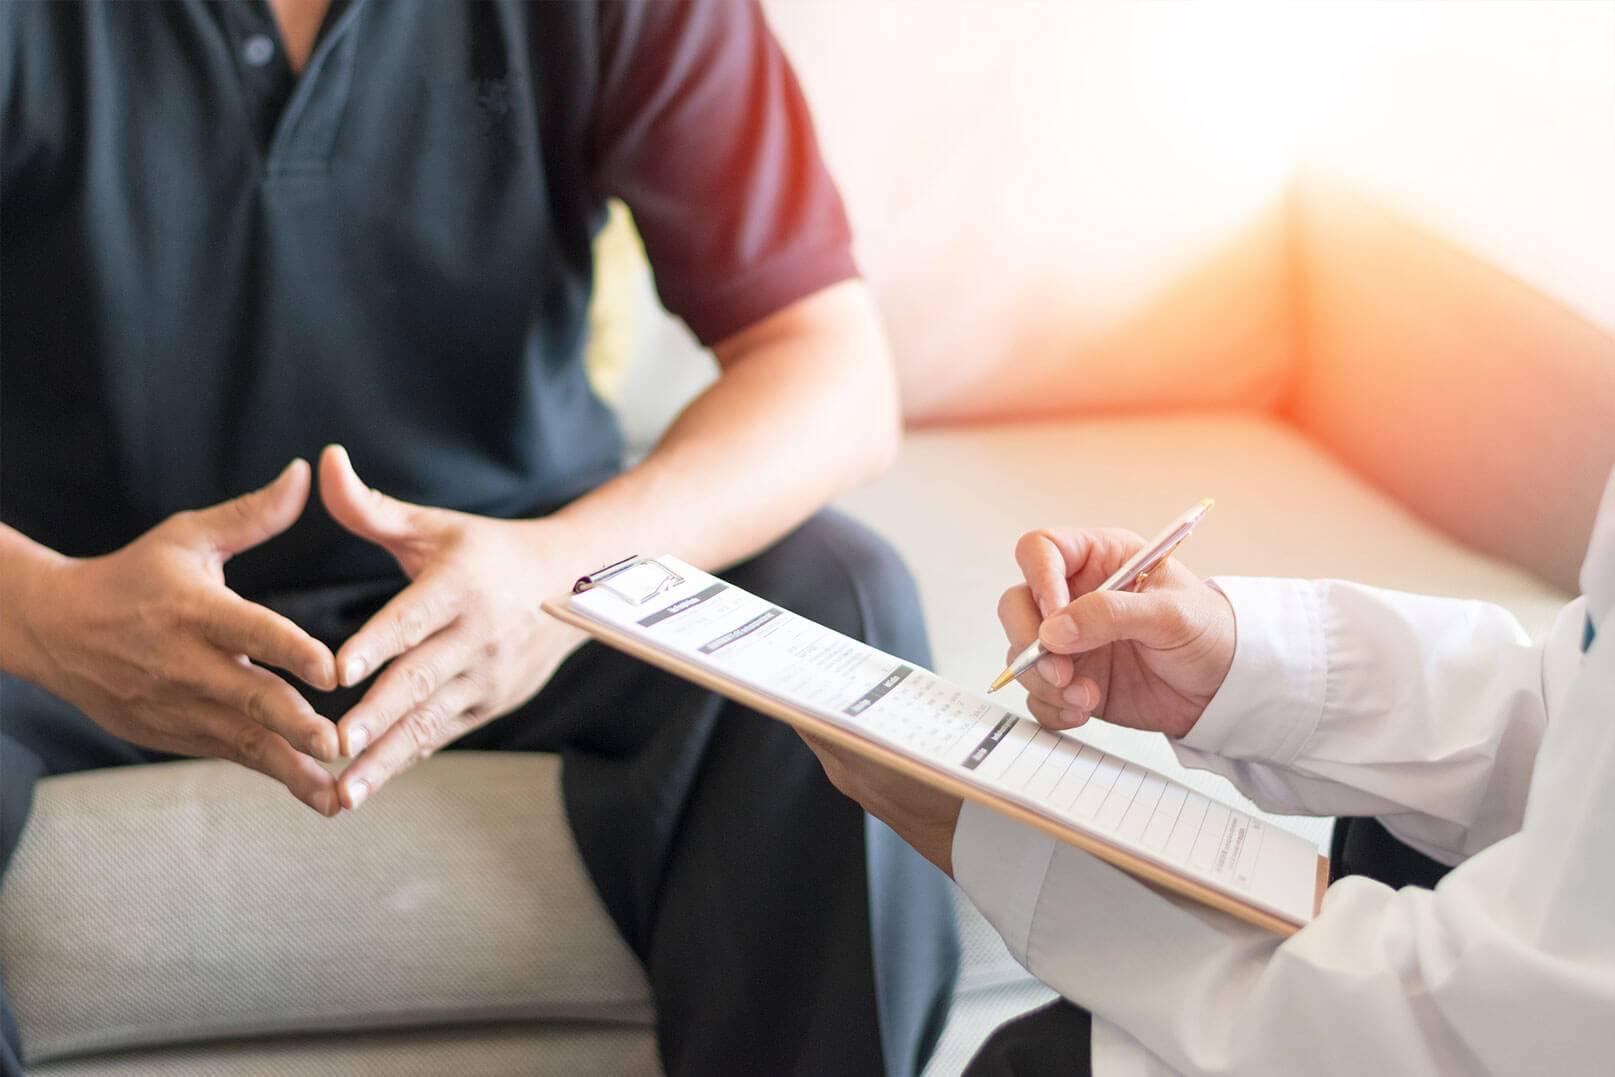 Гонорея. симптомы у мужчин и женщин, анализы на гонорею, провокация гонореи, эффективное лечение.